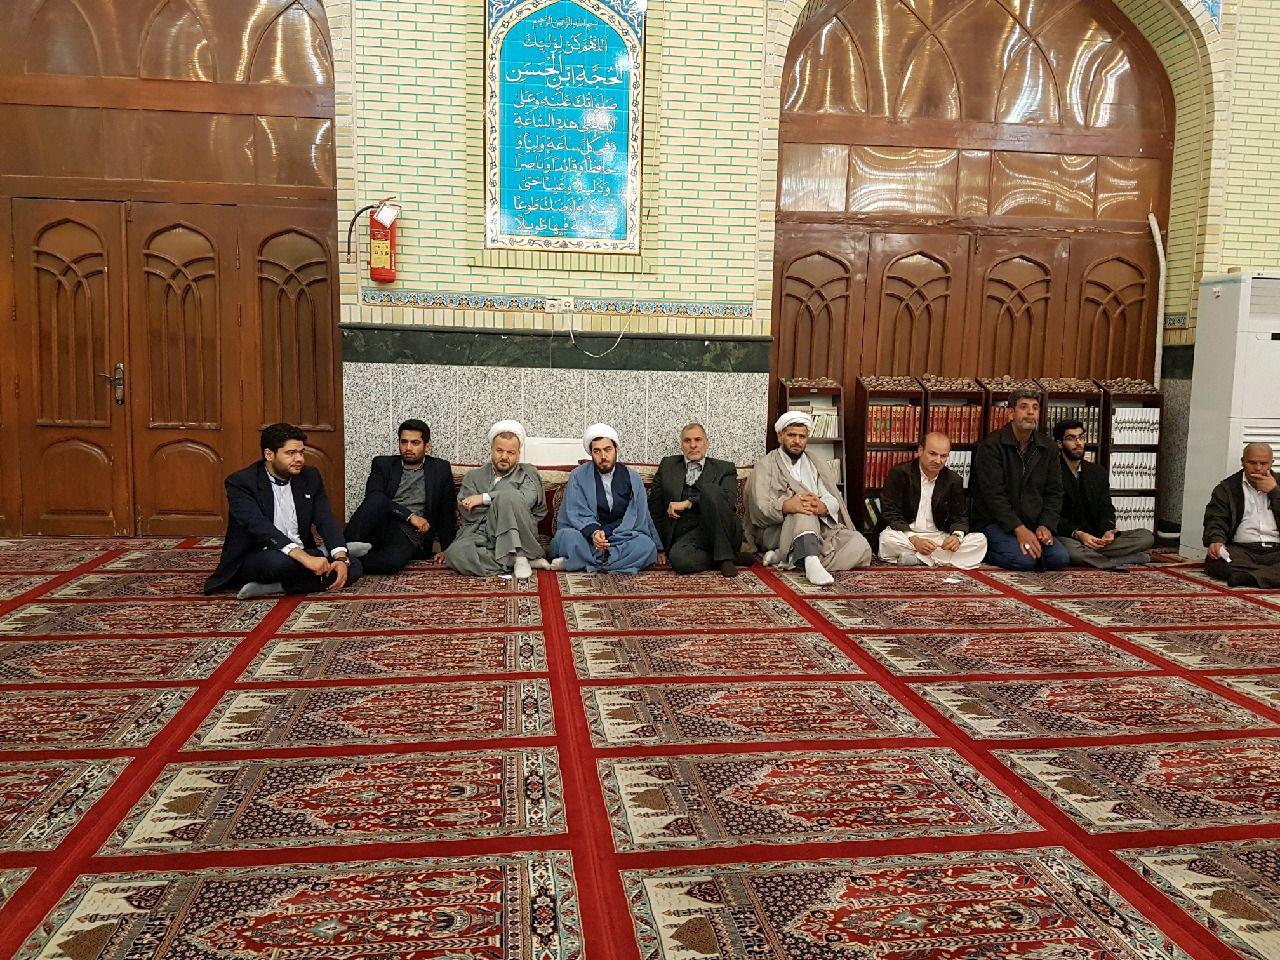 سخنرانی استاد حسن عباسی در مسجد جامع زاهدان - فتنههای عظیم عصر ما